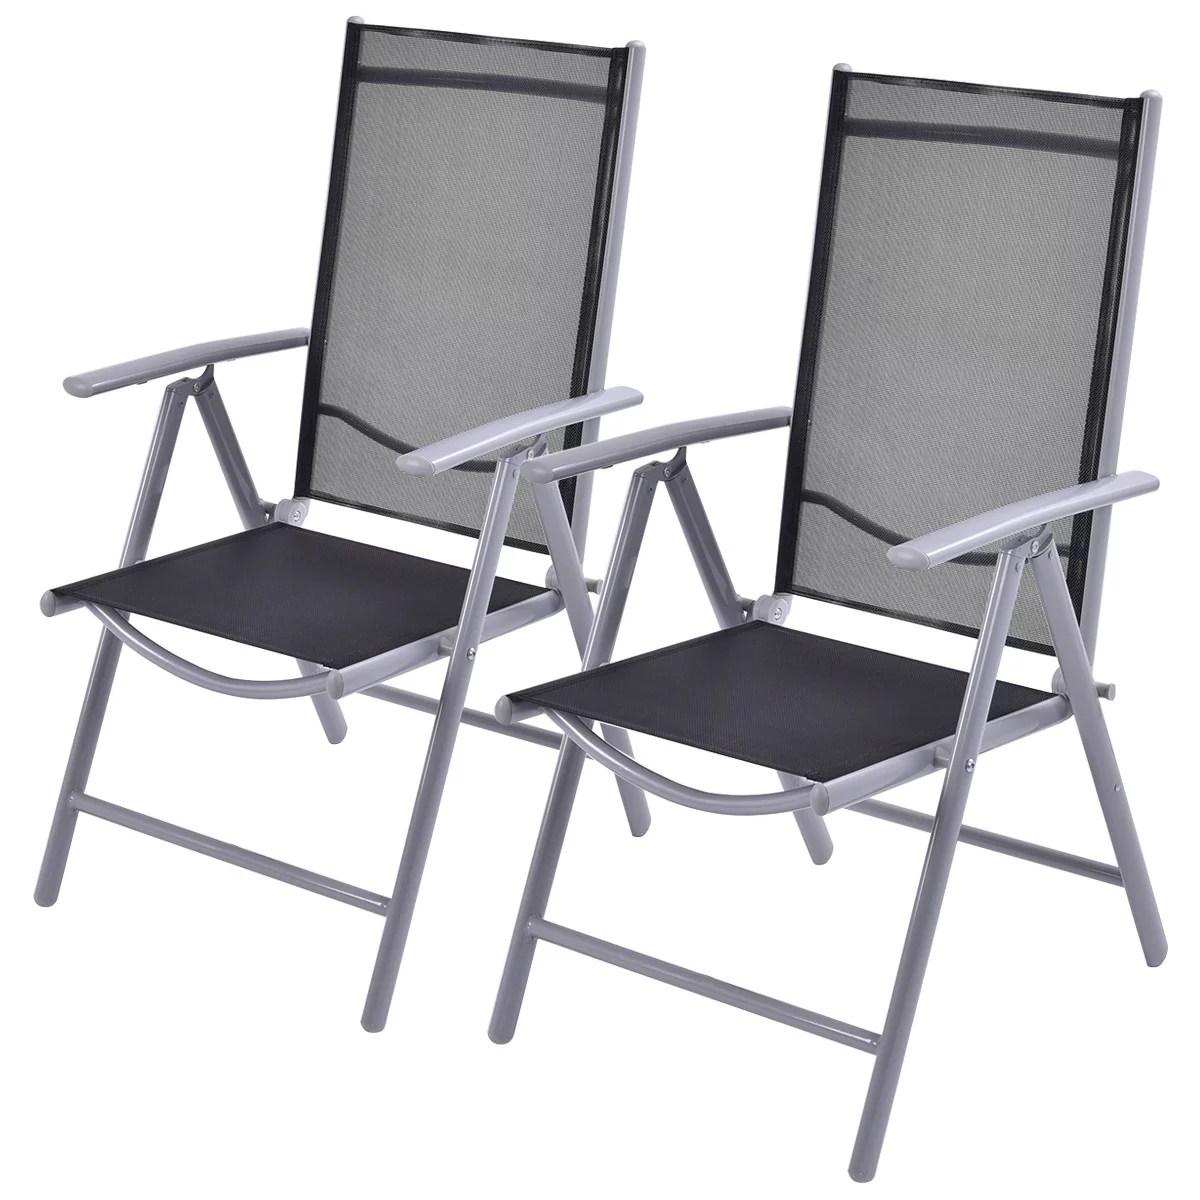 costway set of 2 patio folding chairs adjustable reclining indoor outdoor garden pool walmart com